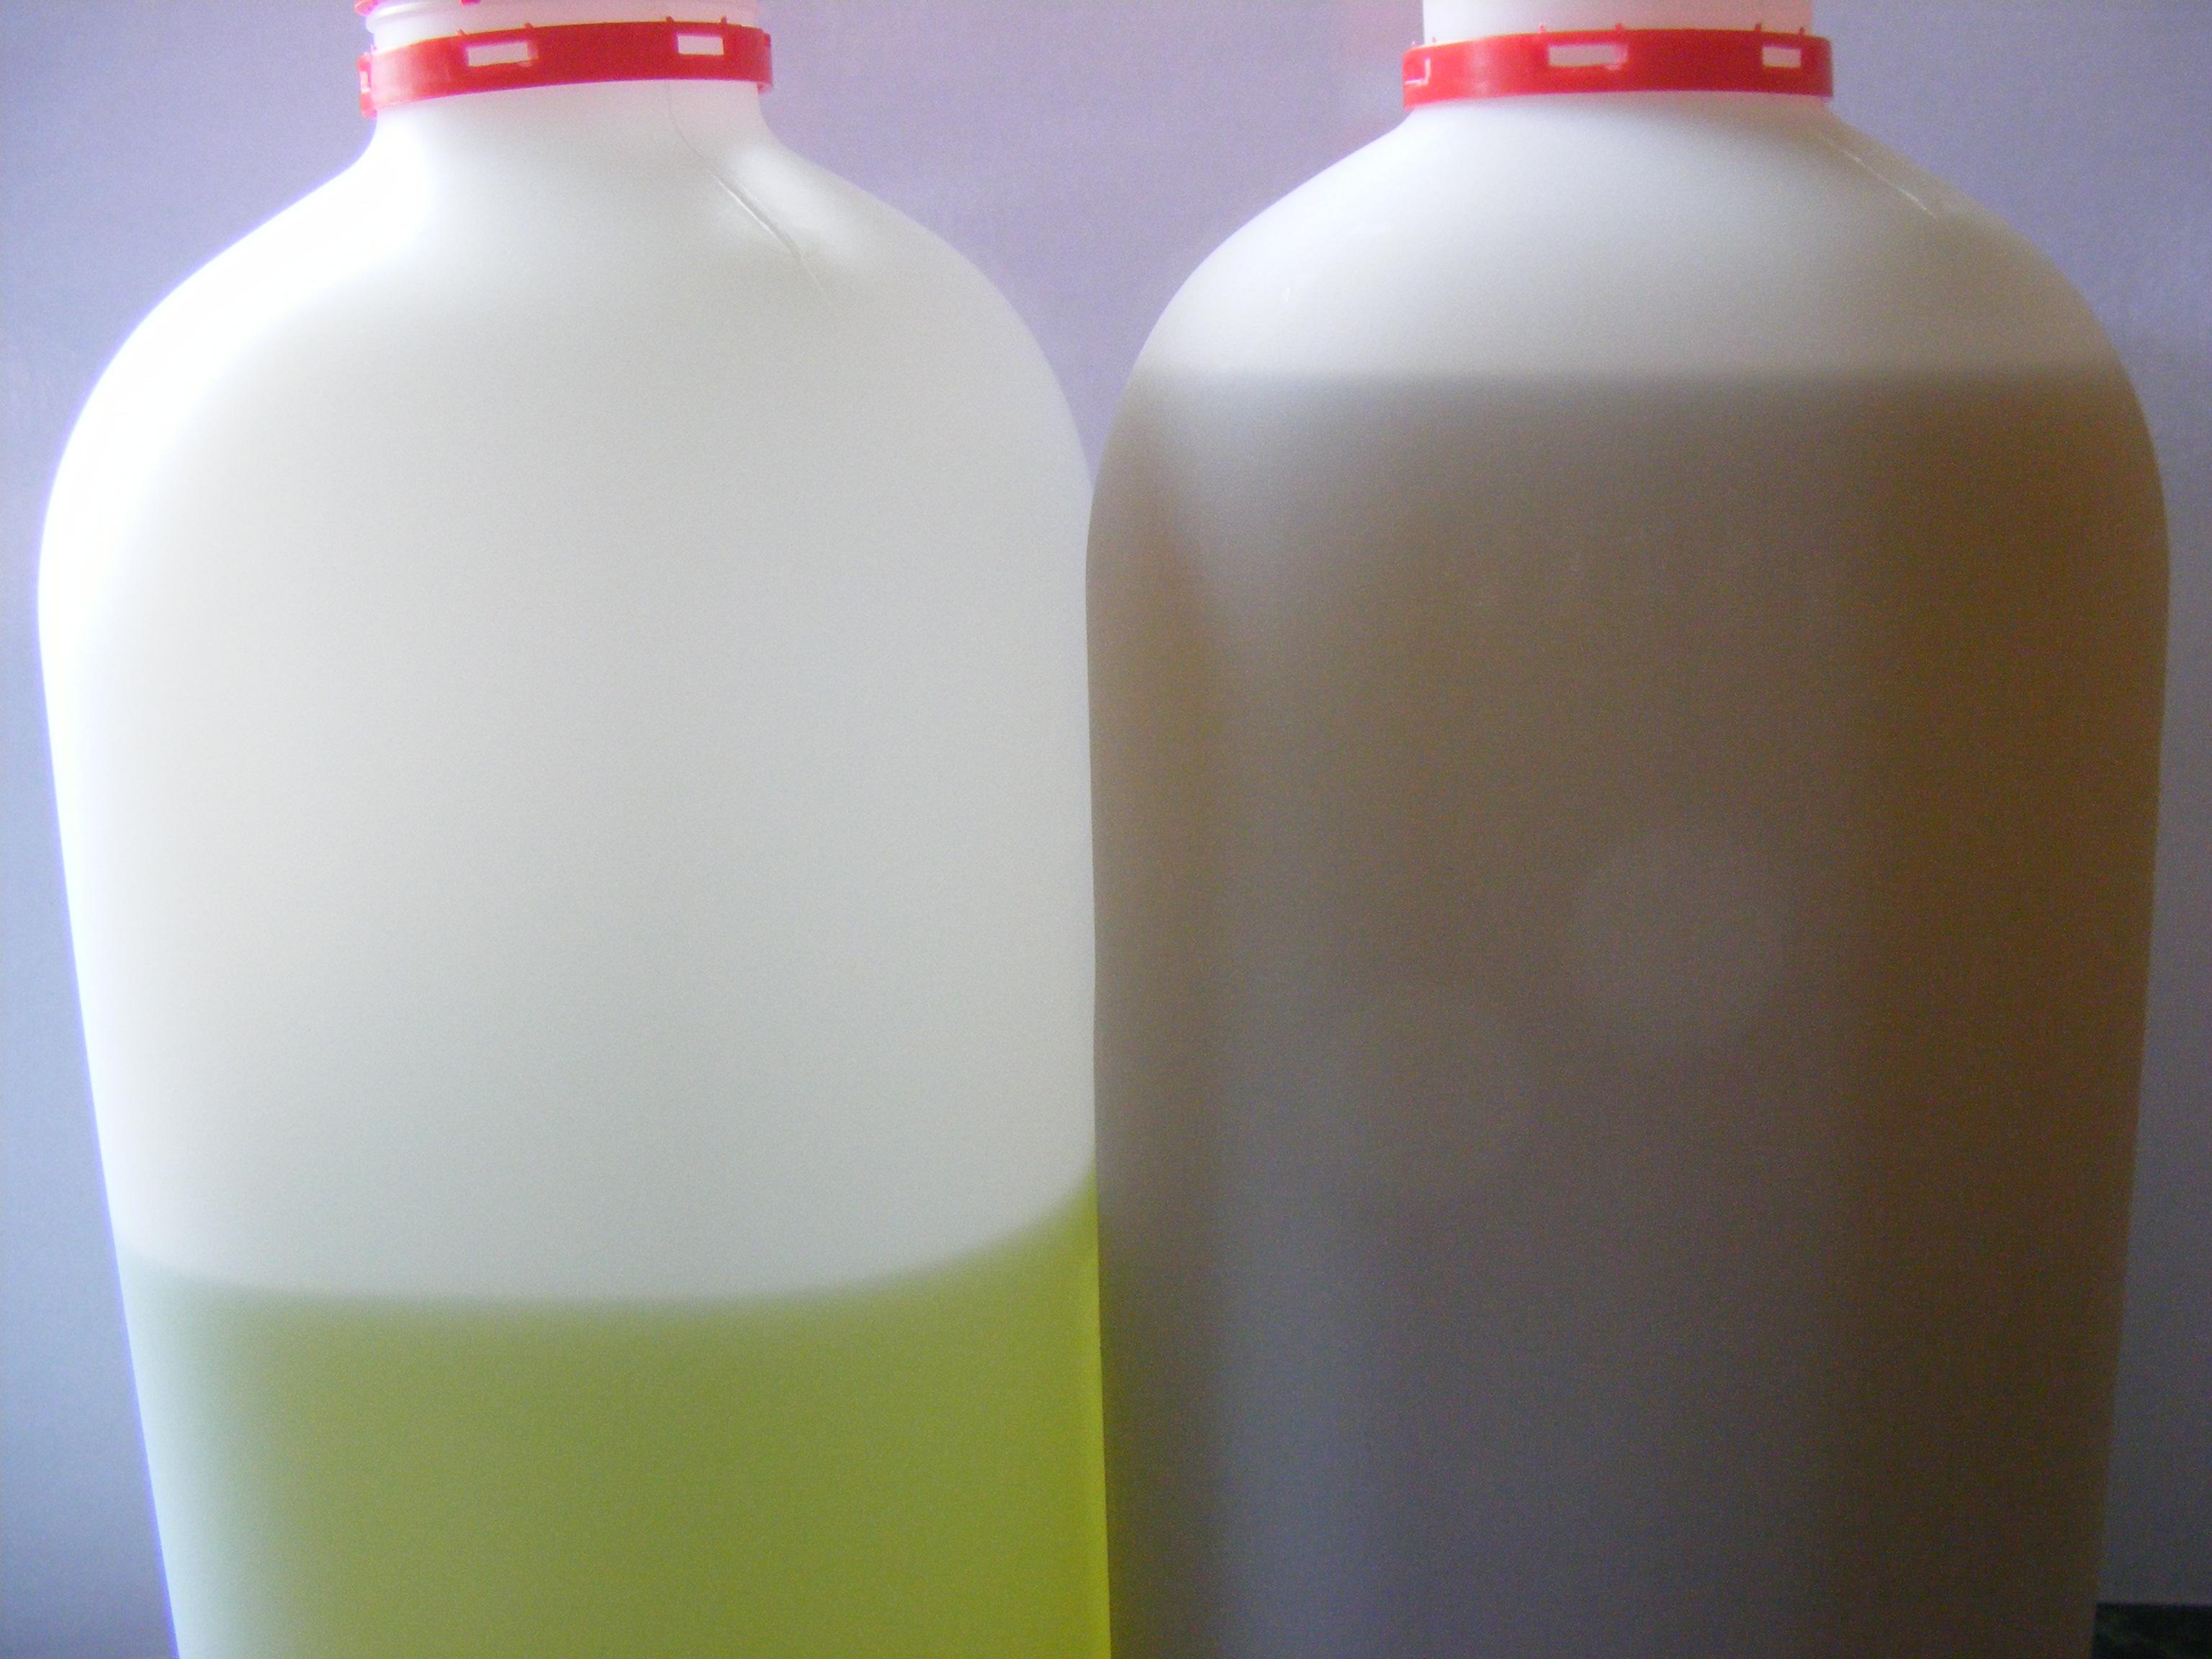 Thc/Cbd Oils